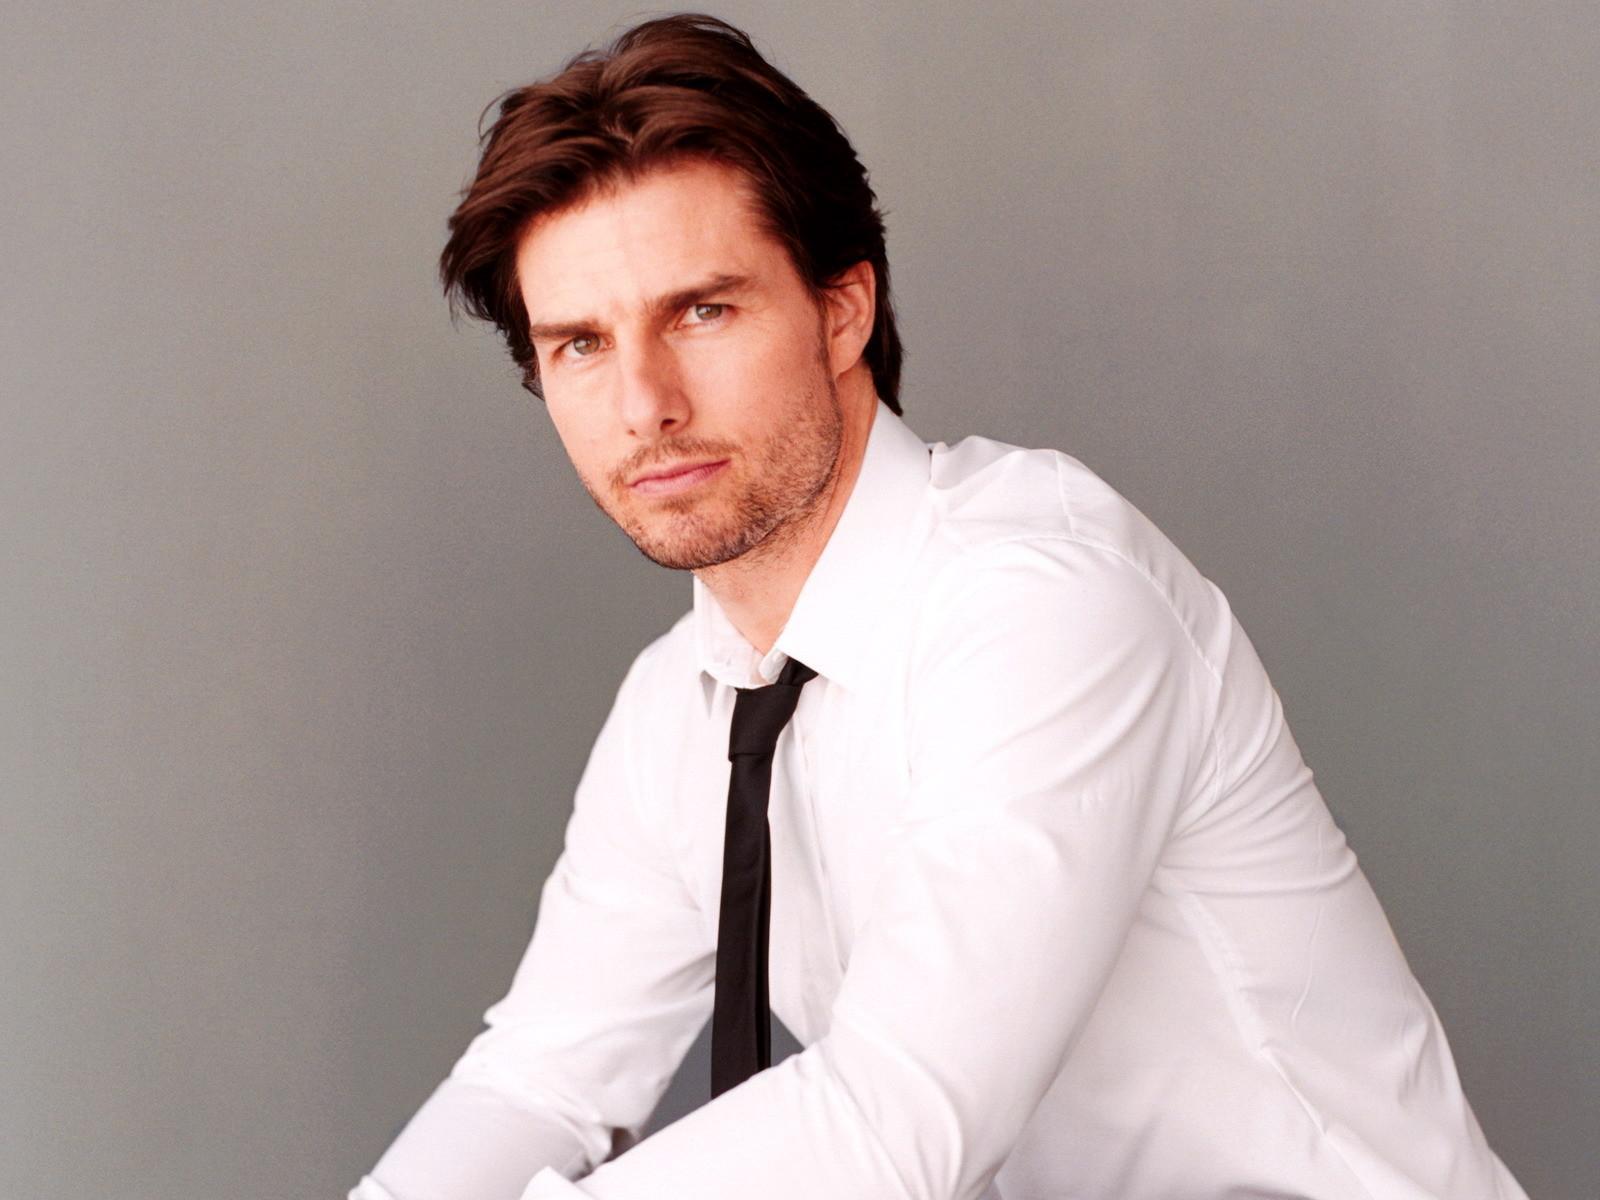 Red Dead Redemption Wallpaper Hd Fotos De Tom Cruise Para Descargar Gratis